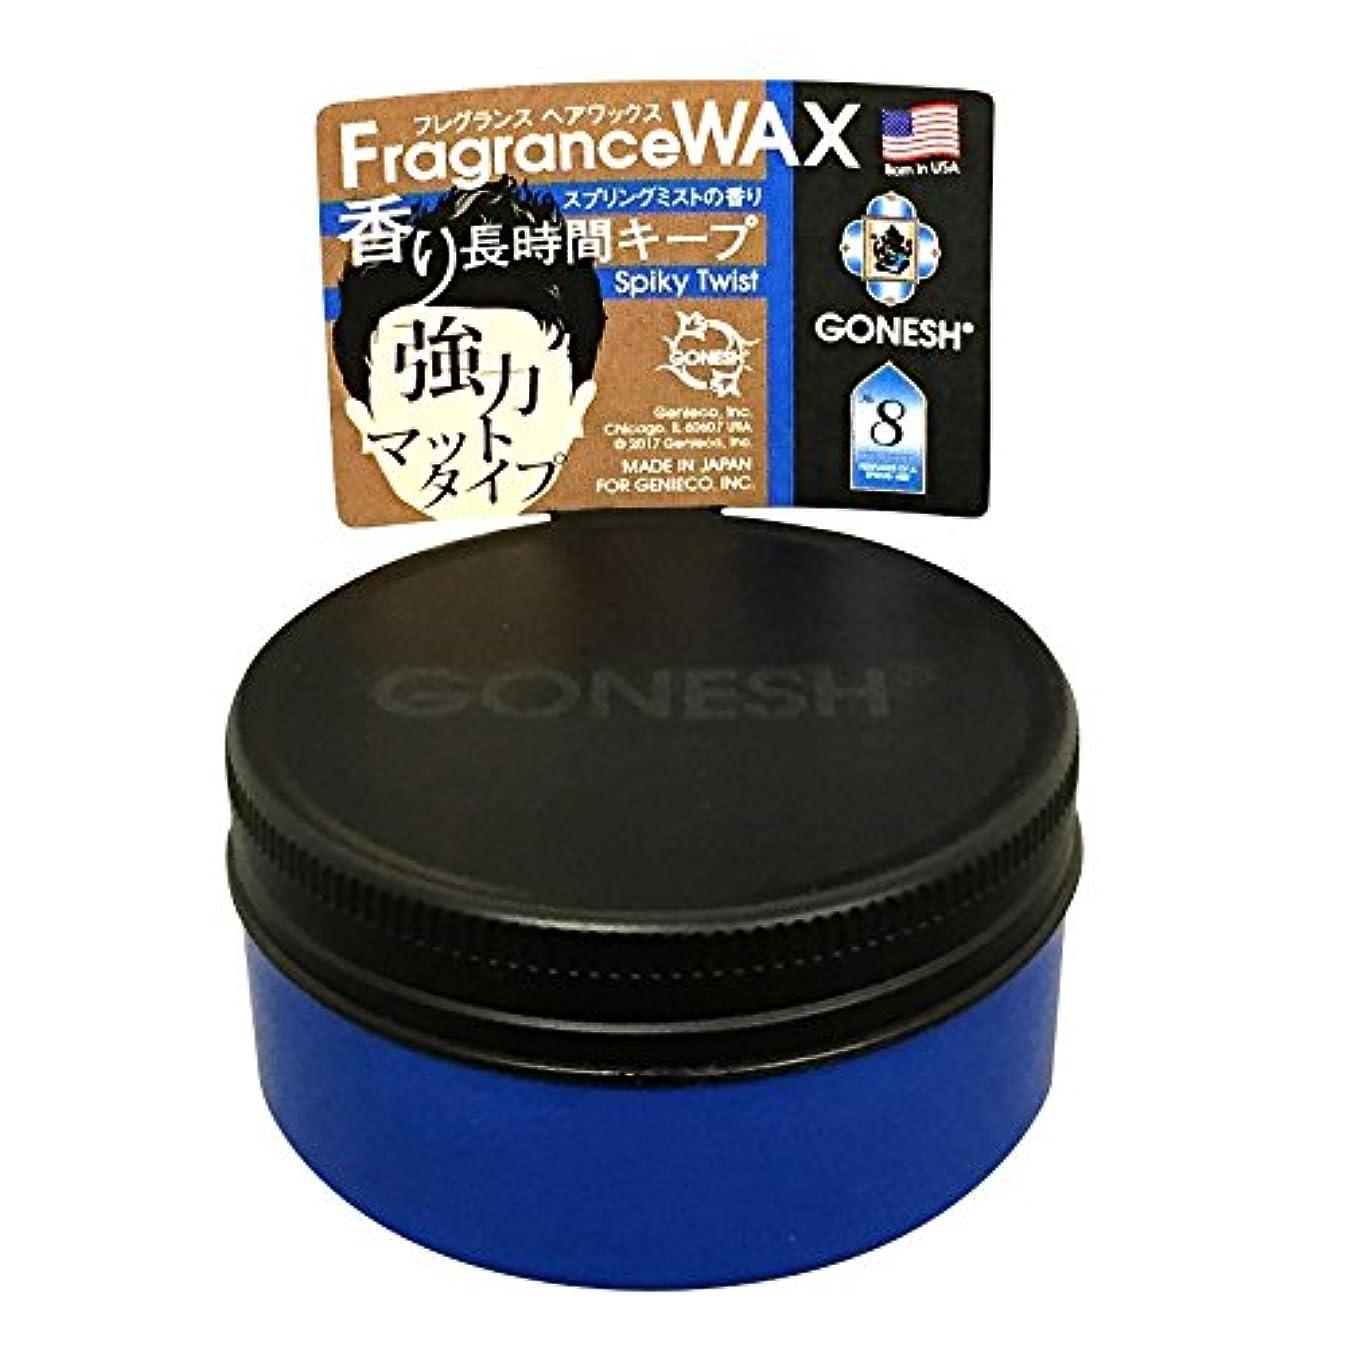 デコレーション思い出すインレイGONESH フレグランスヘアワックス(スタイリング剤) NO.8 強力マットタイプ 60g